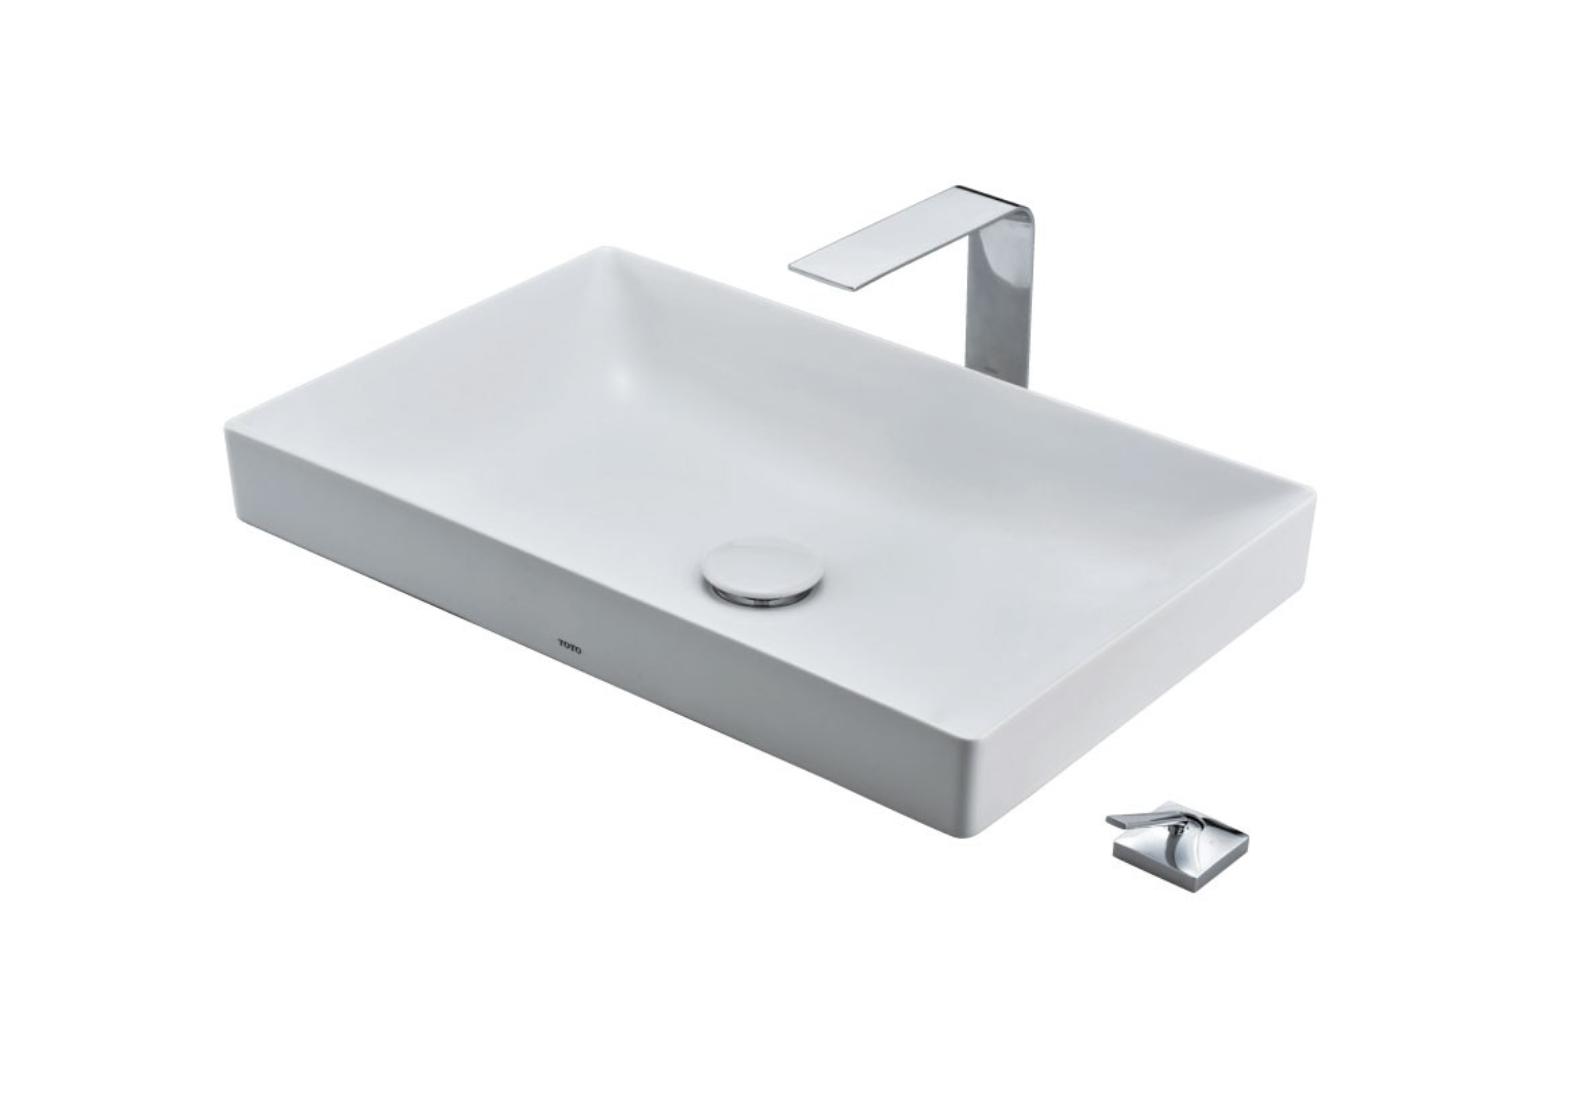 Chậu rửa lavabo đặt bàn TOTO LT4715